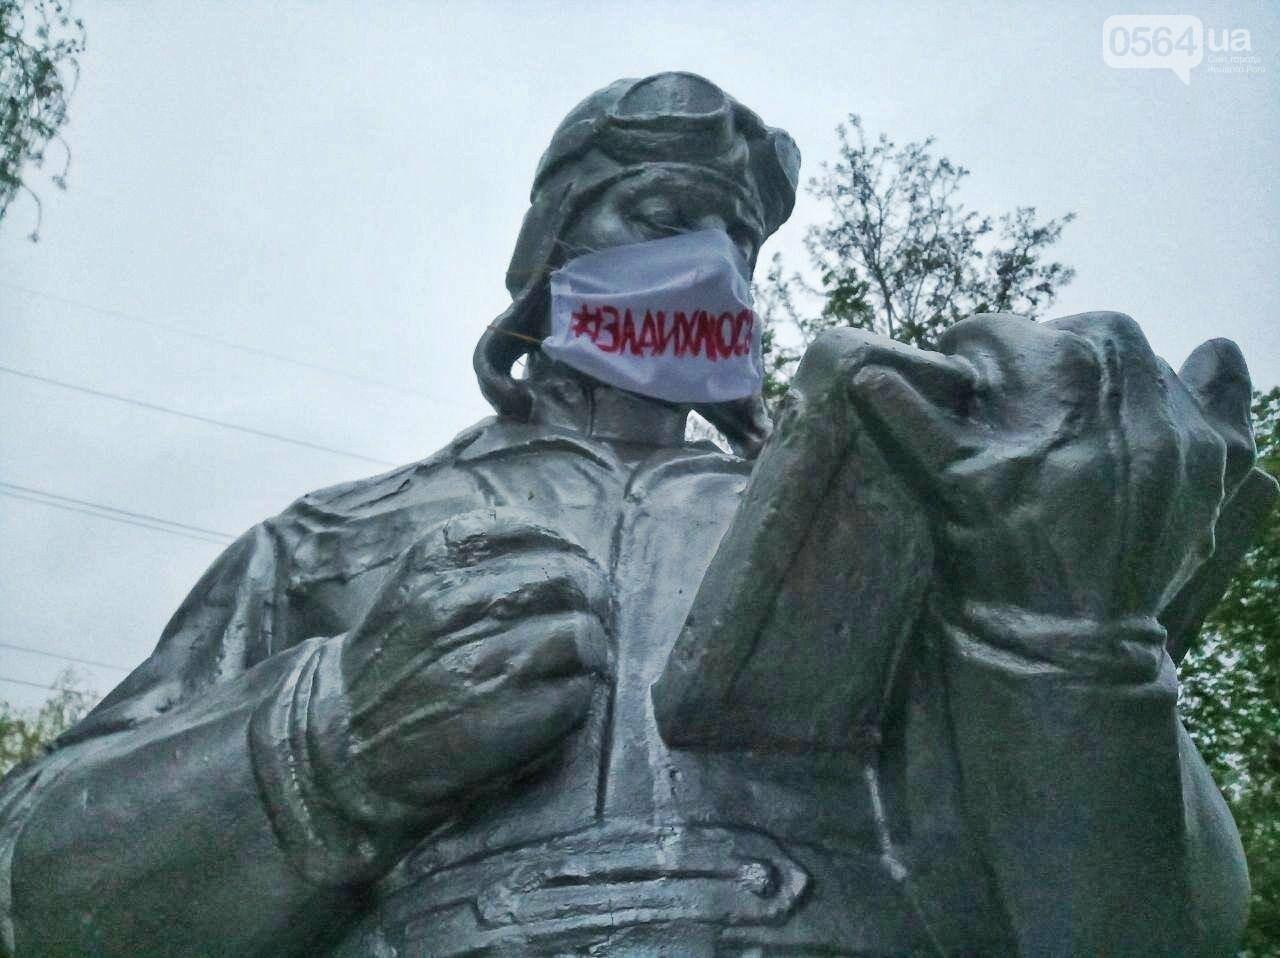 В Кривом Роге даже памятники начали задыхаться, - ФОТО, фото-16